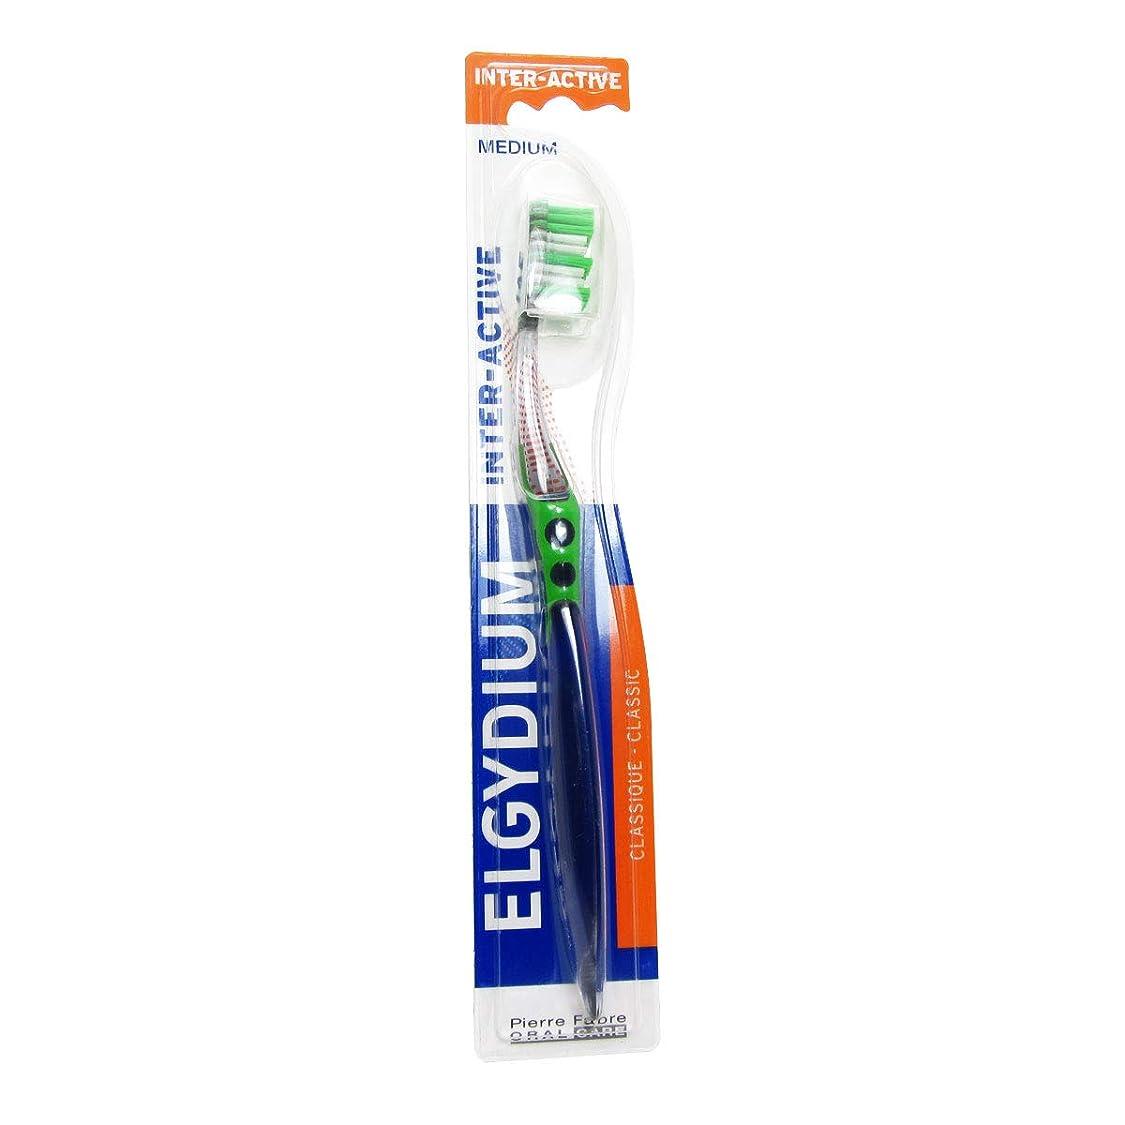 ドキドキ系統的赤道Elgydium Inter-active Medium Toothbrush [並行輸入品]